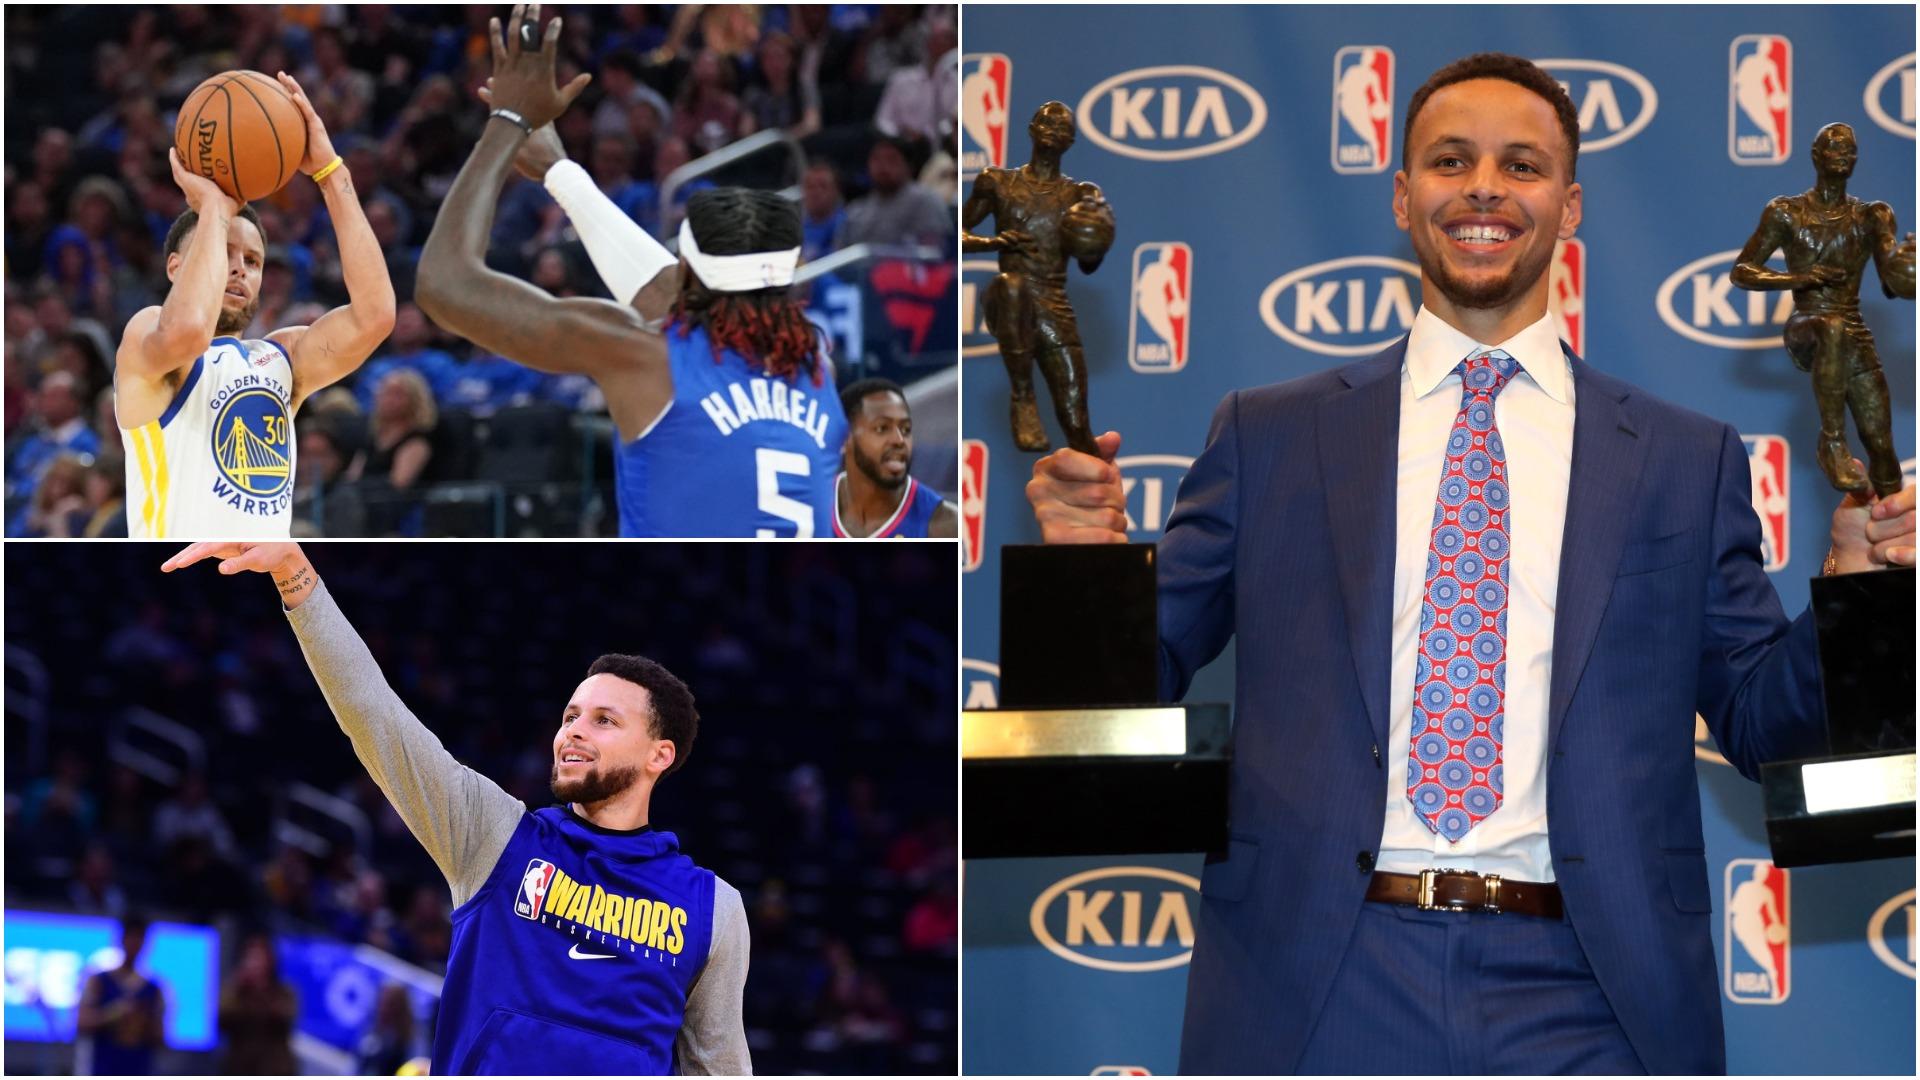 VIDEO | Ditë historike, kur Curry u bë i pari MVP që u zgjodh unanimisht